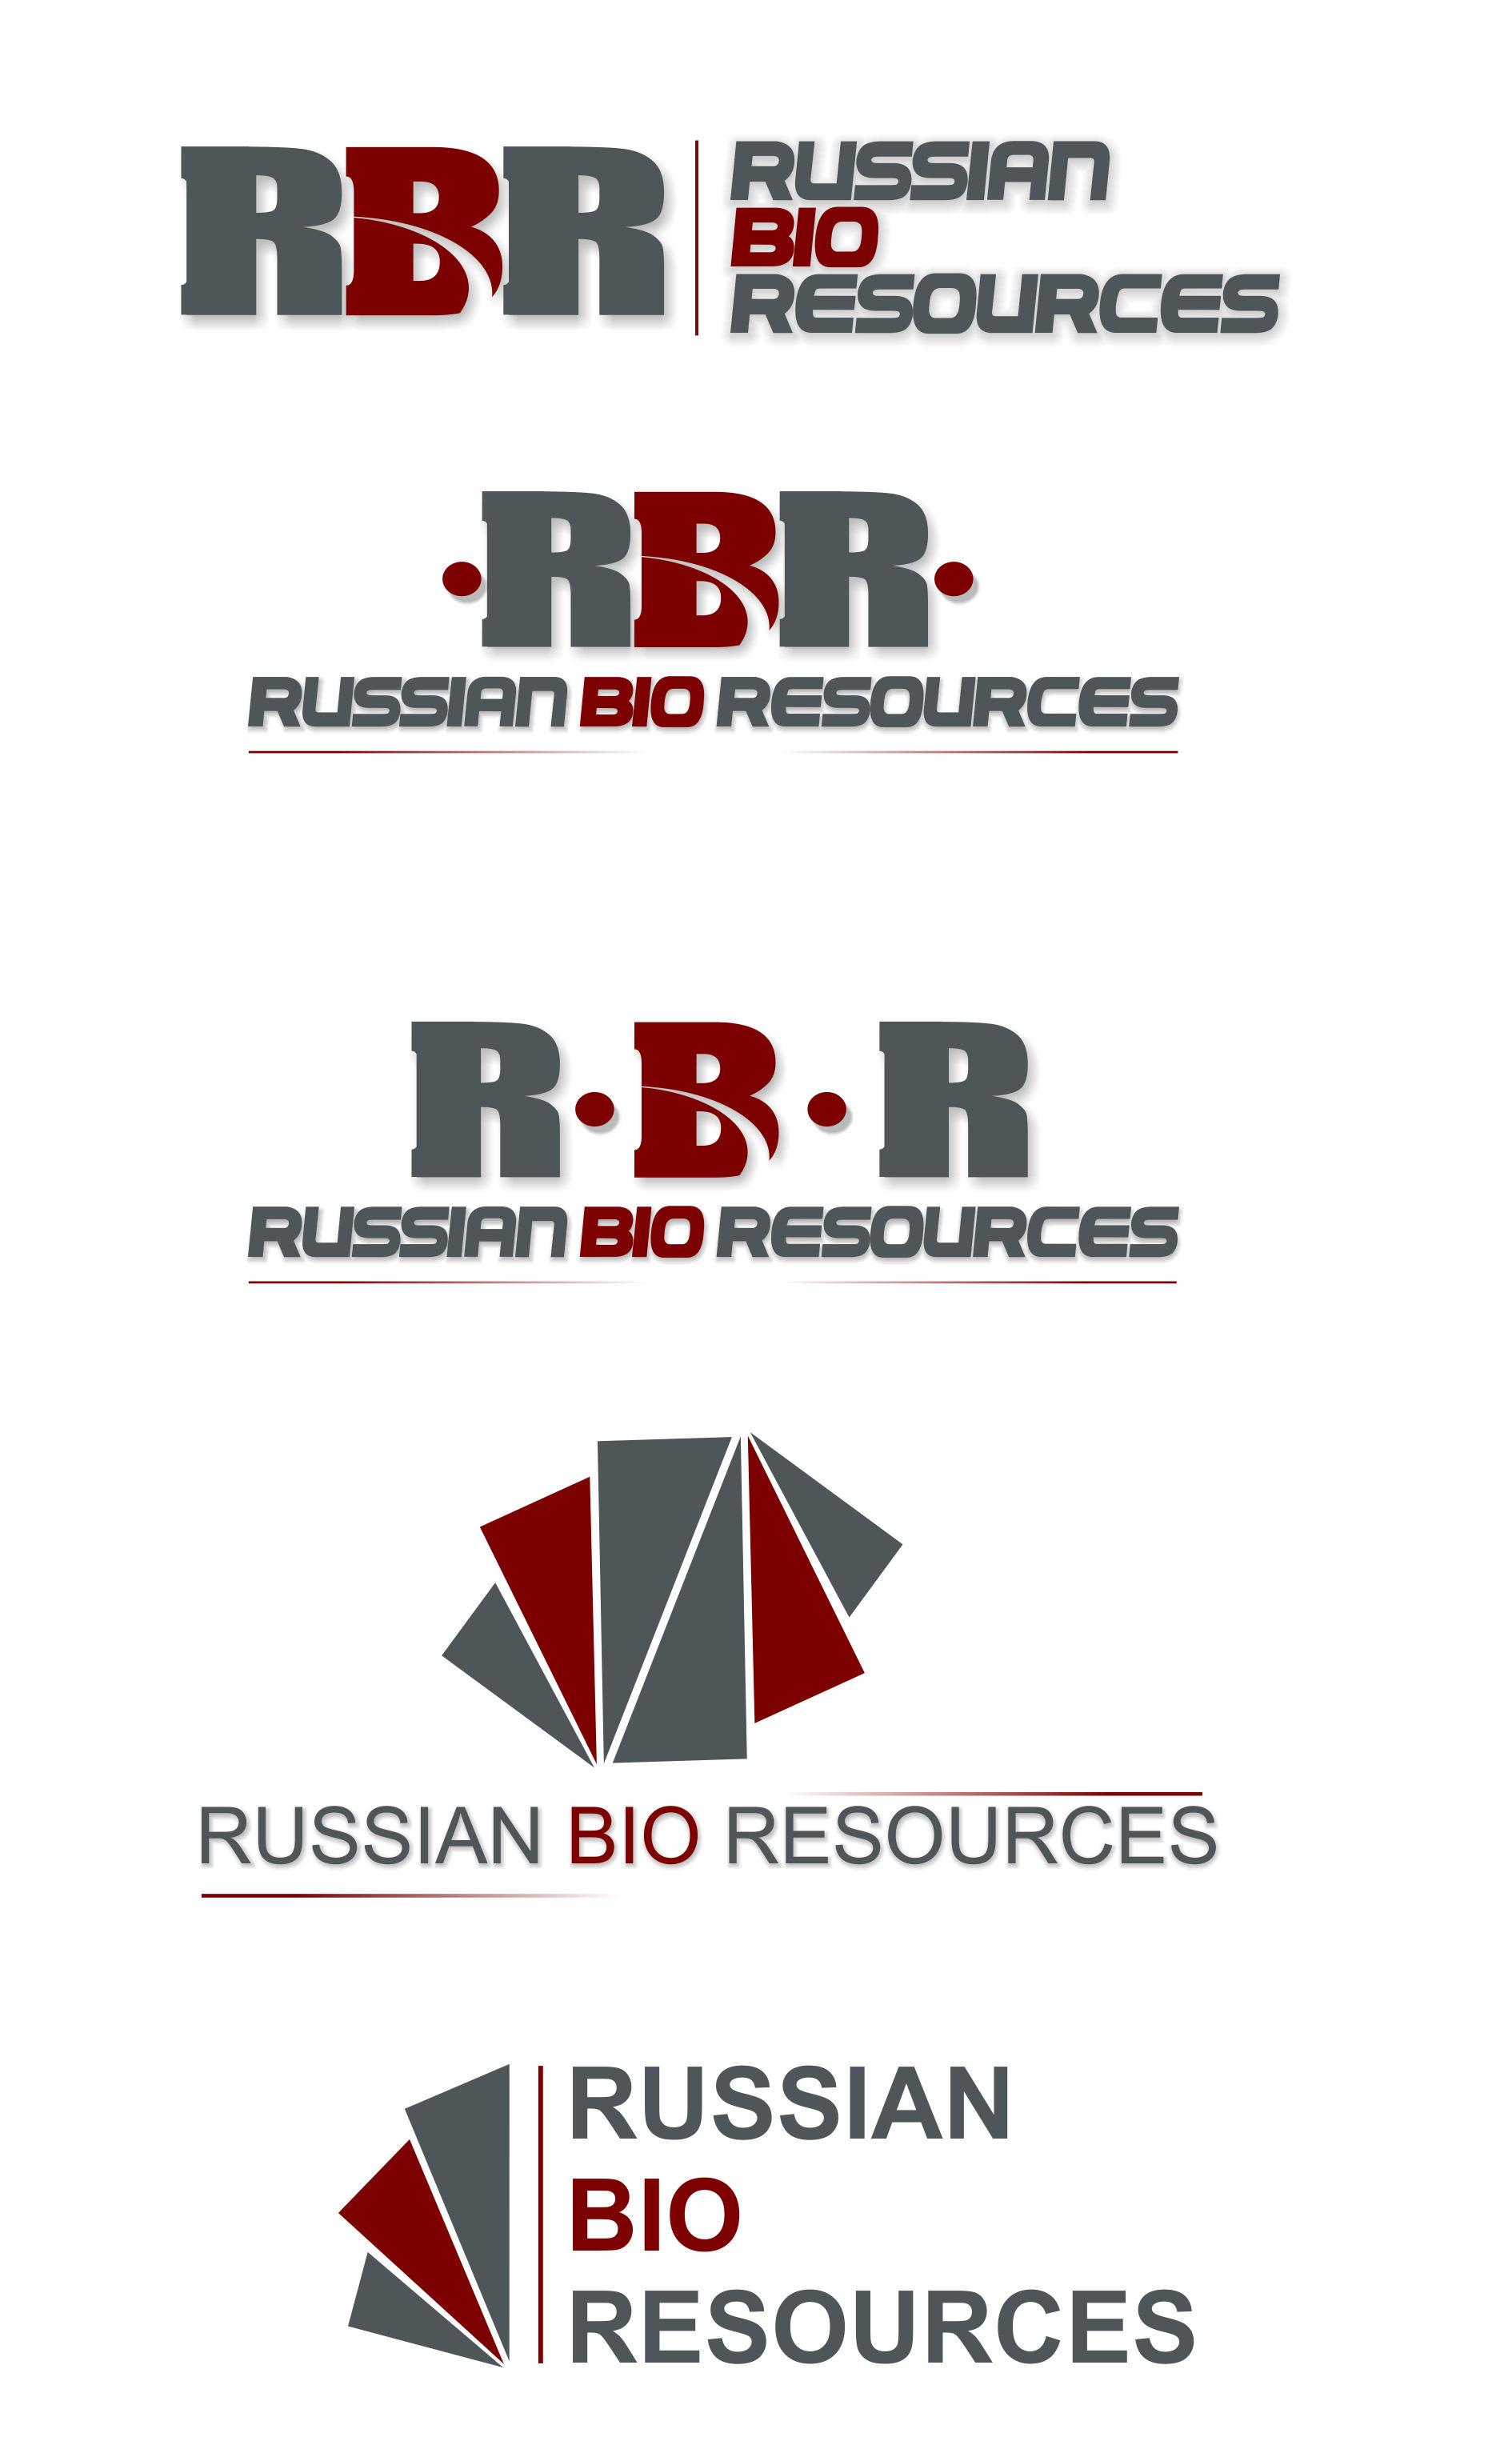 Разработка логотипа для компании «Русские Био Ресурсы» фото f_8315908bd54a2a6d.jpg